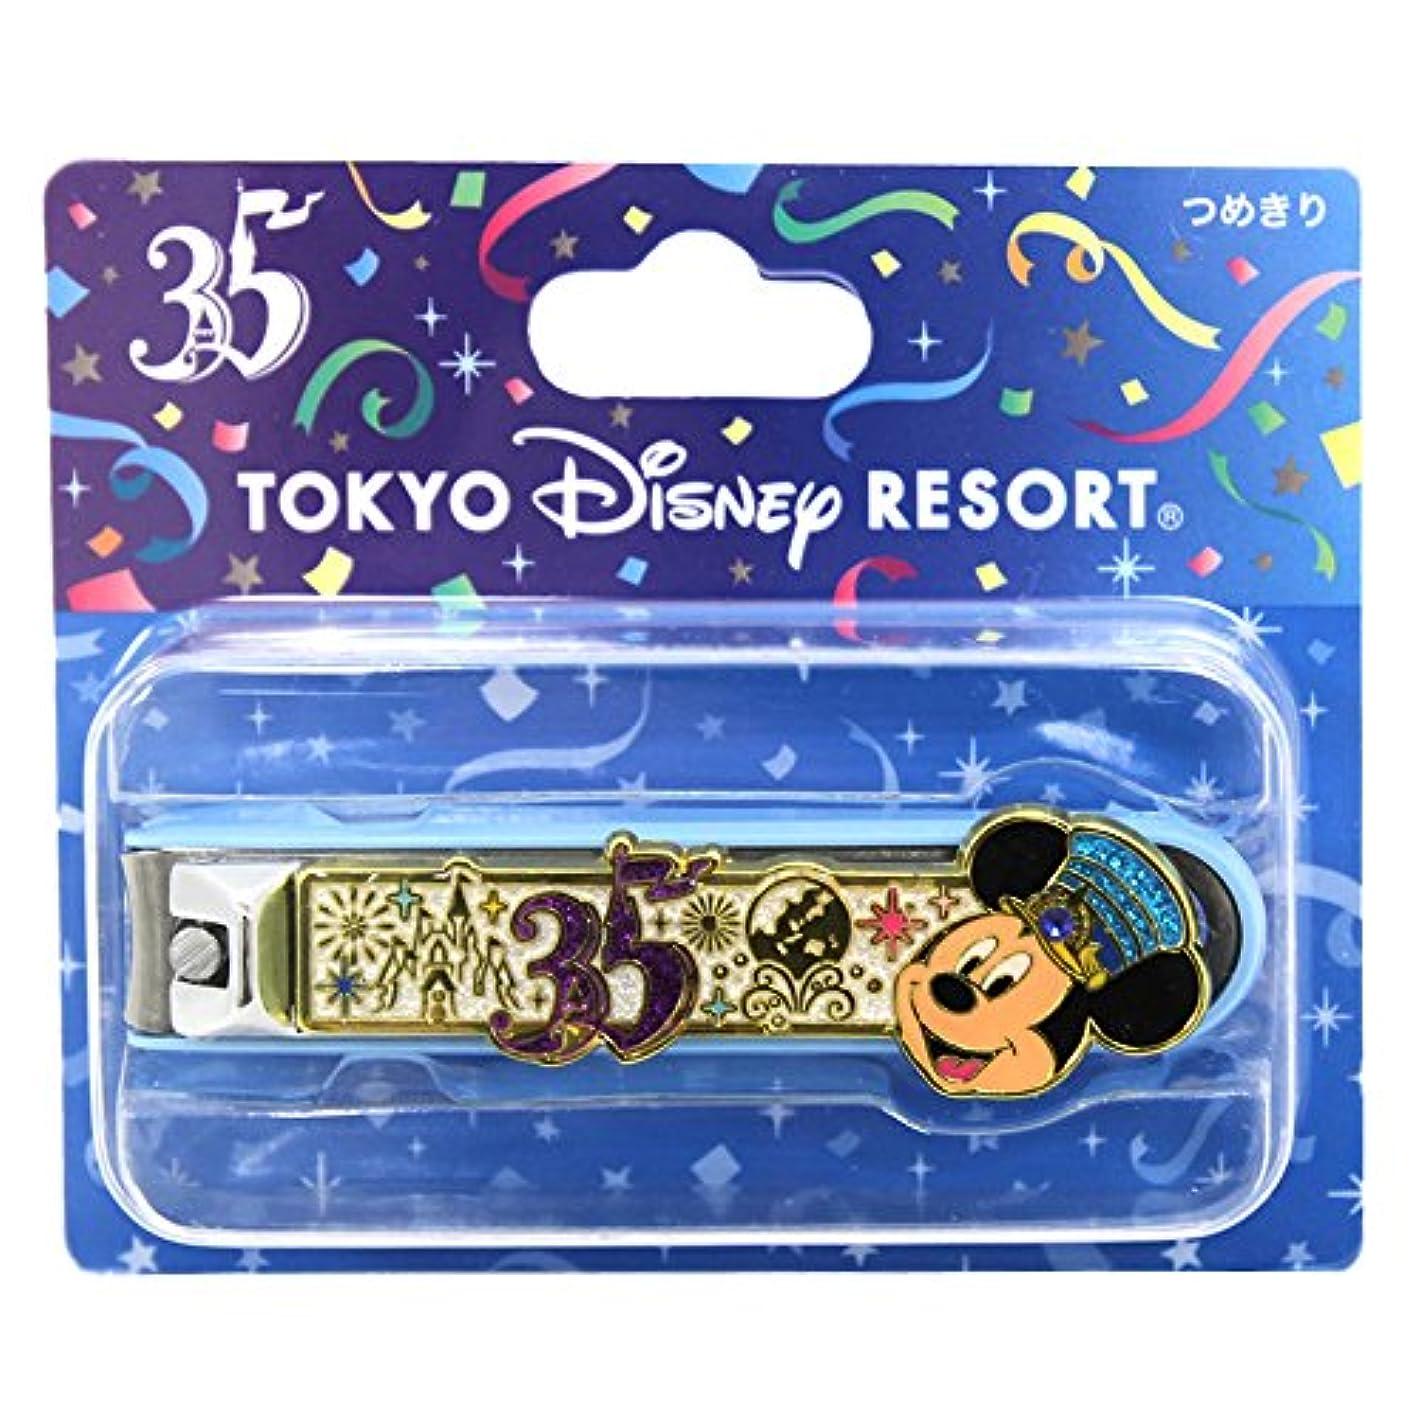 東京 ディズニー リゾート 35周年 Happiest Celebration ! 爪切り ミッキー マウス つめ切り 爪きり つめきり キャラクター 生活用品 ( リゾート限定 )